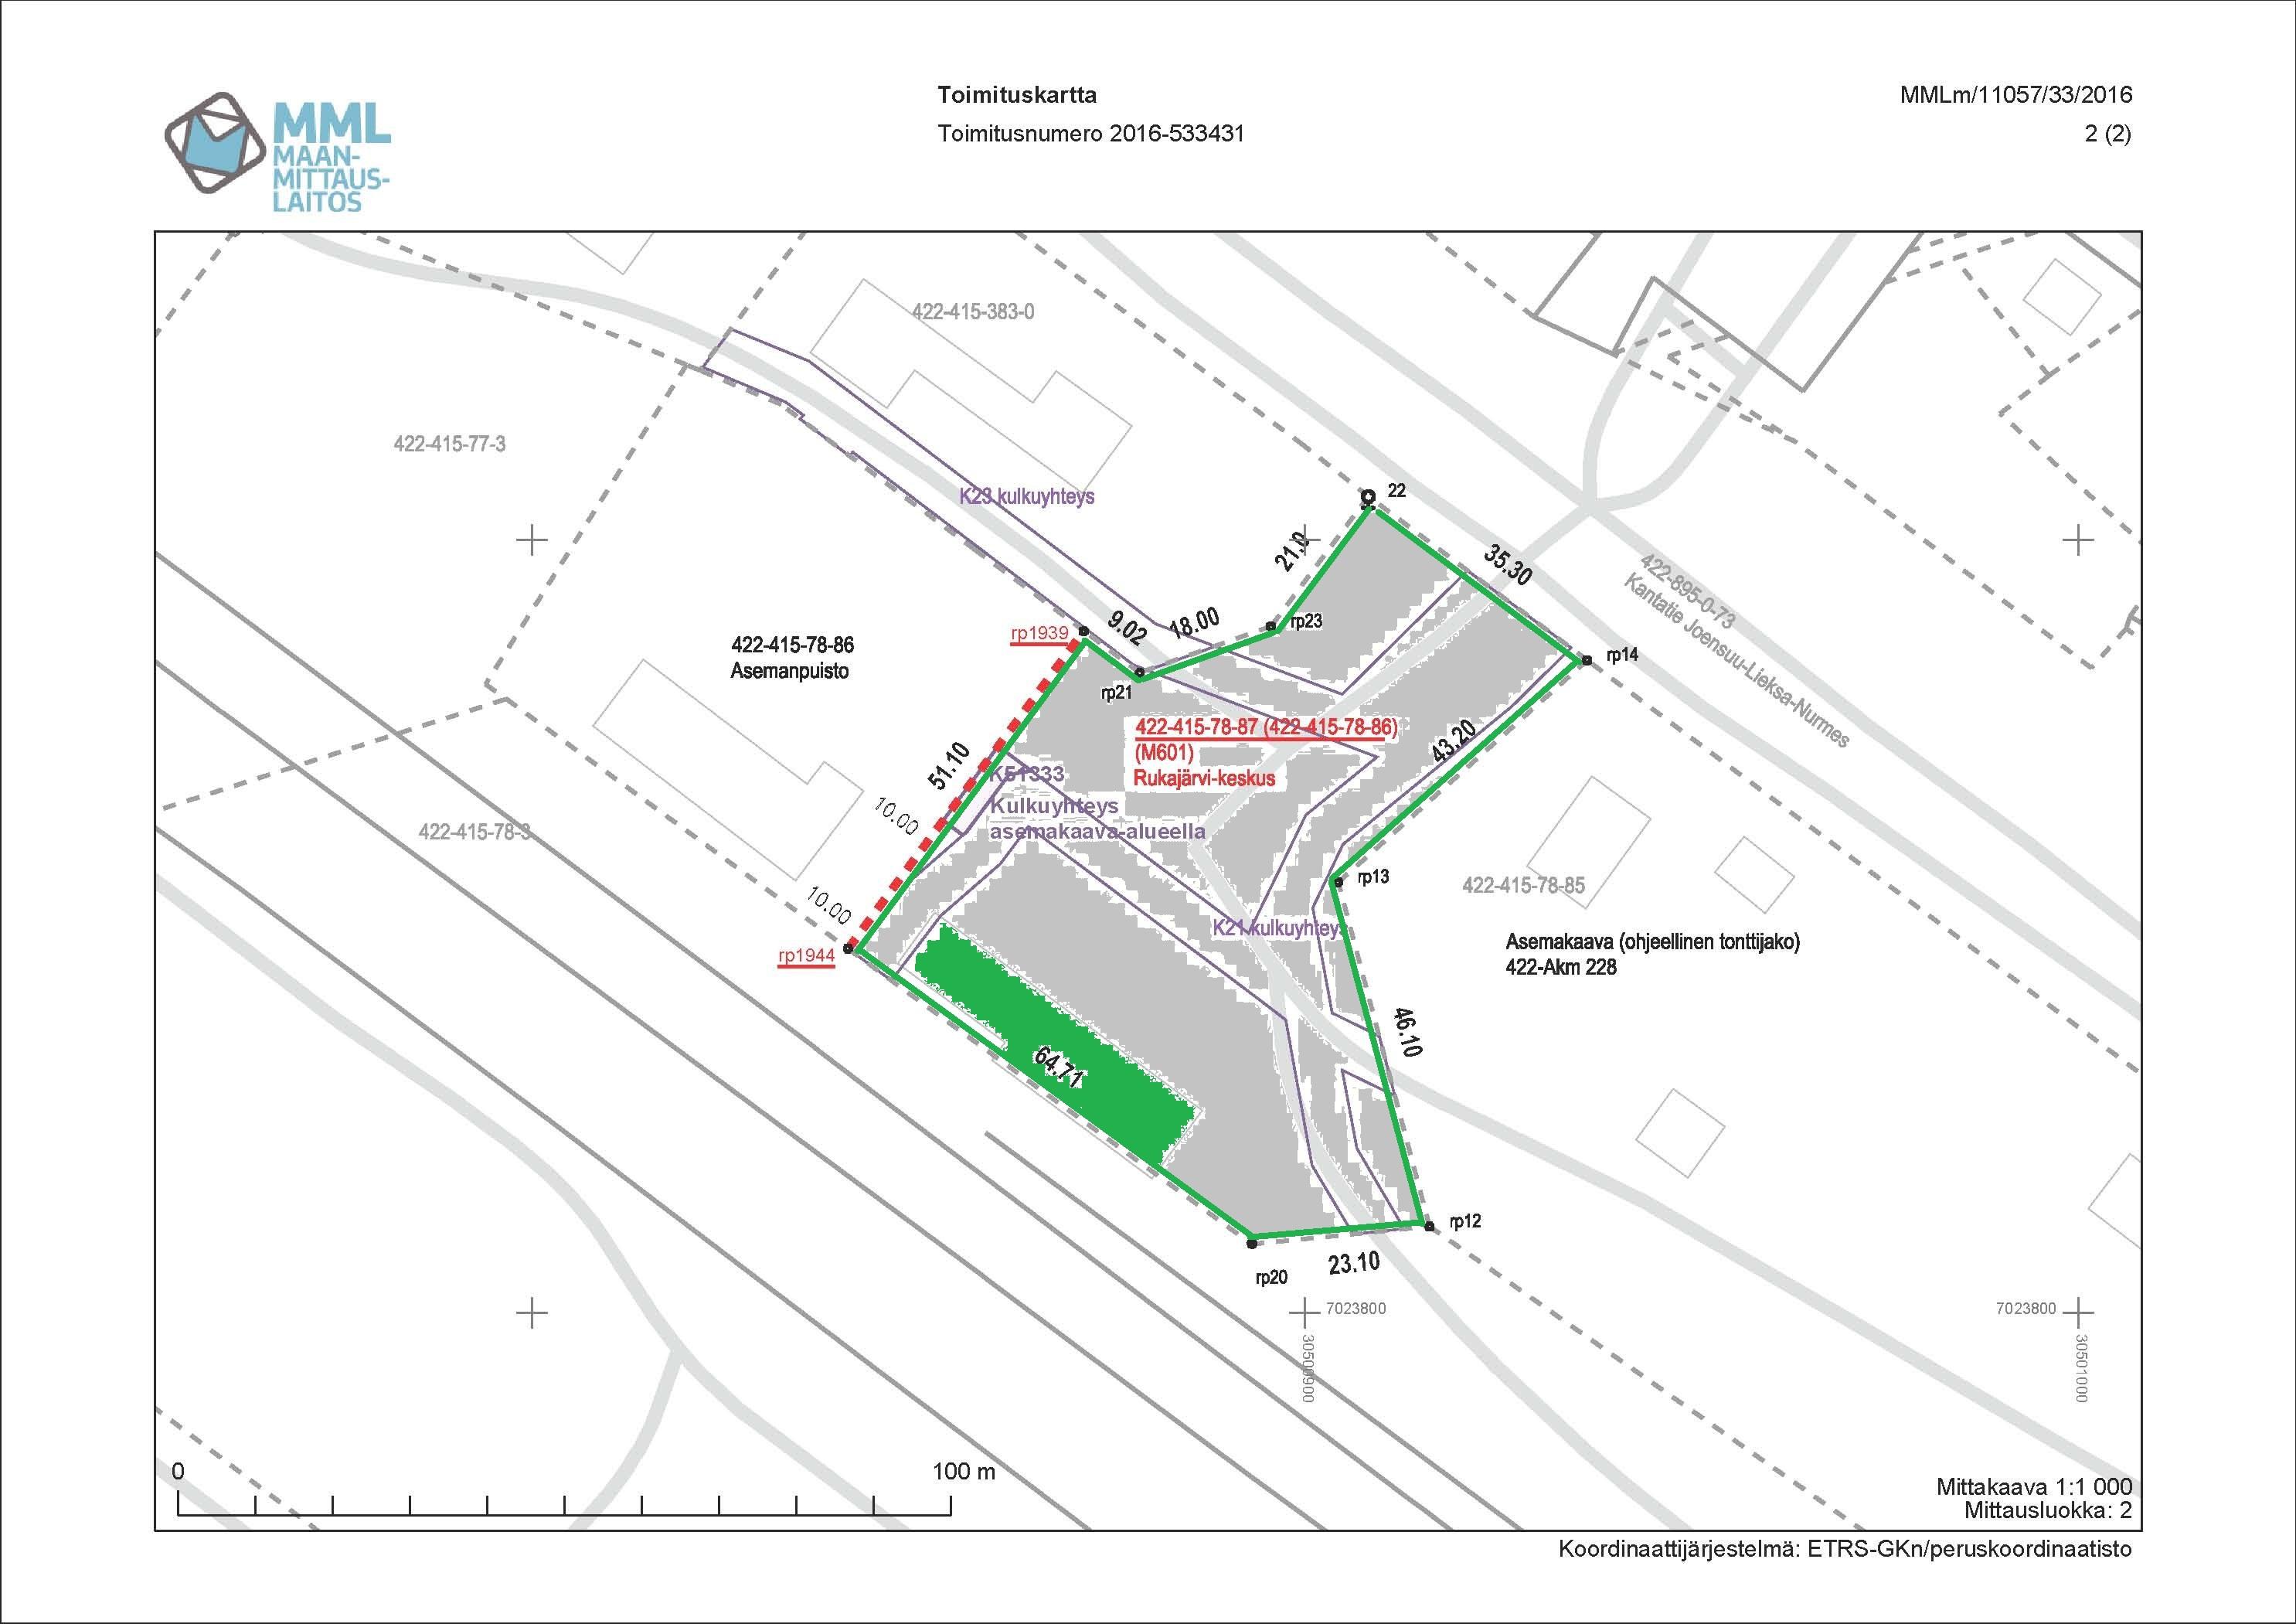 Rukajärvi-keskus merkitty kiinteistörekisteriin. Tontin pinta-ala on 4.490 m2. Rukajärvi-keskus käsittää nykyisin 373 k-m2, josta näyttelytilaa on n. 300 m2 ja reilut 70 m2 on lämmintä toimistotilaa.